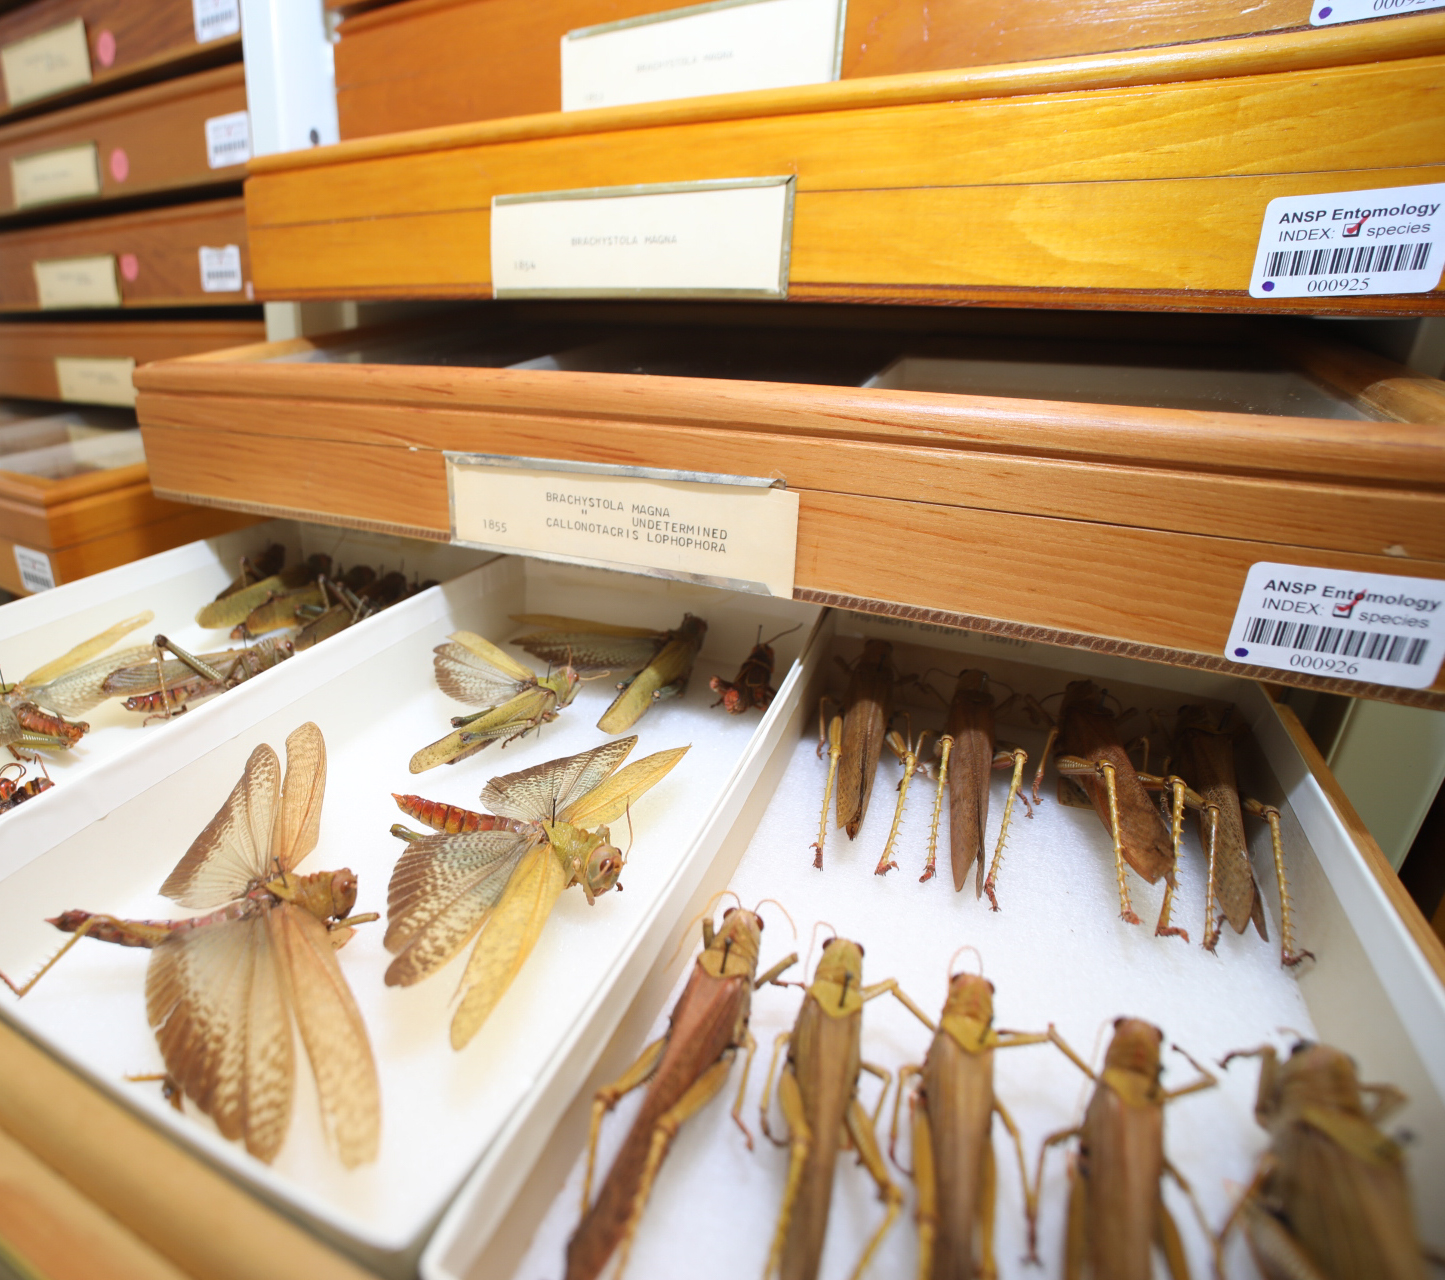 Betancourt_ansp_entomology_orthoptera_drawers